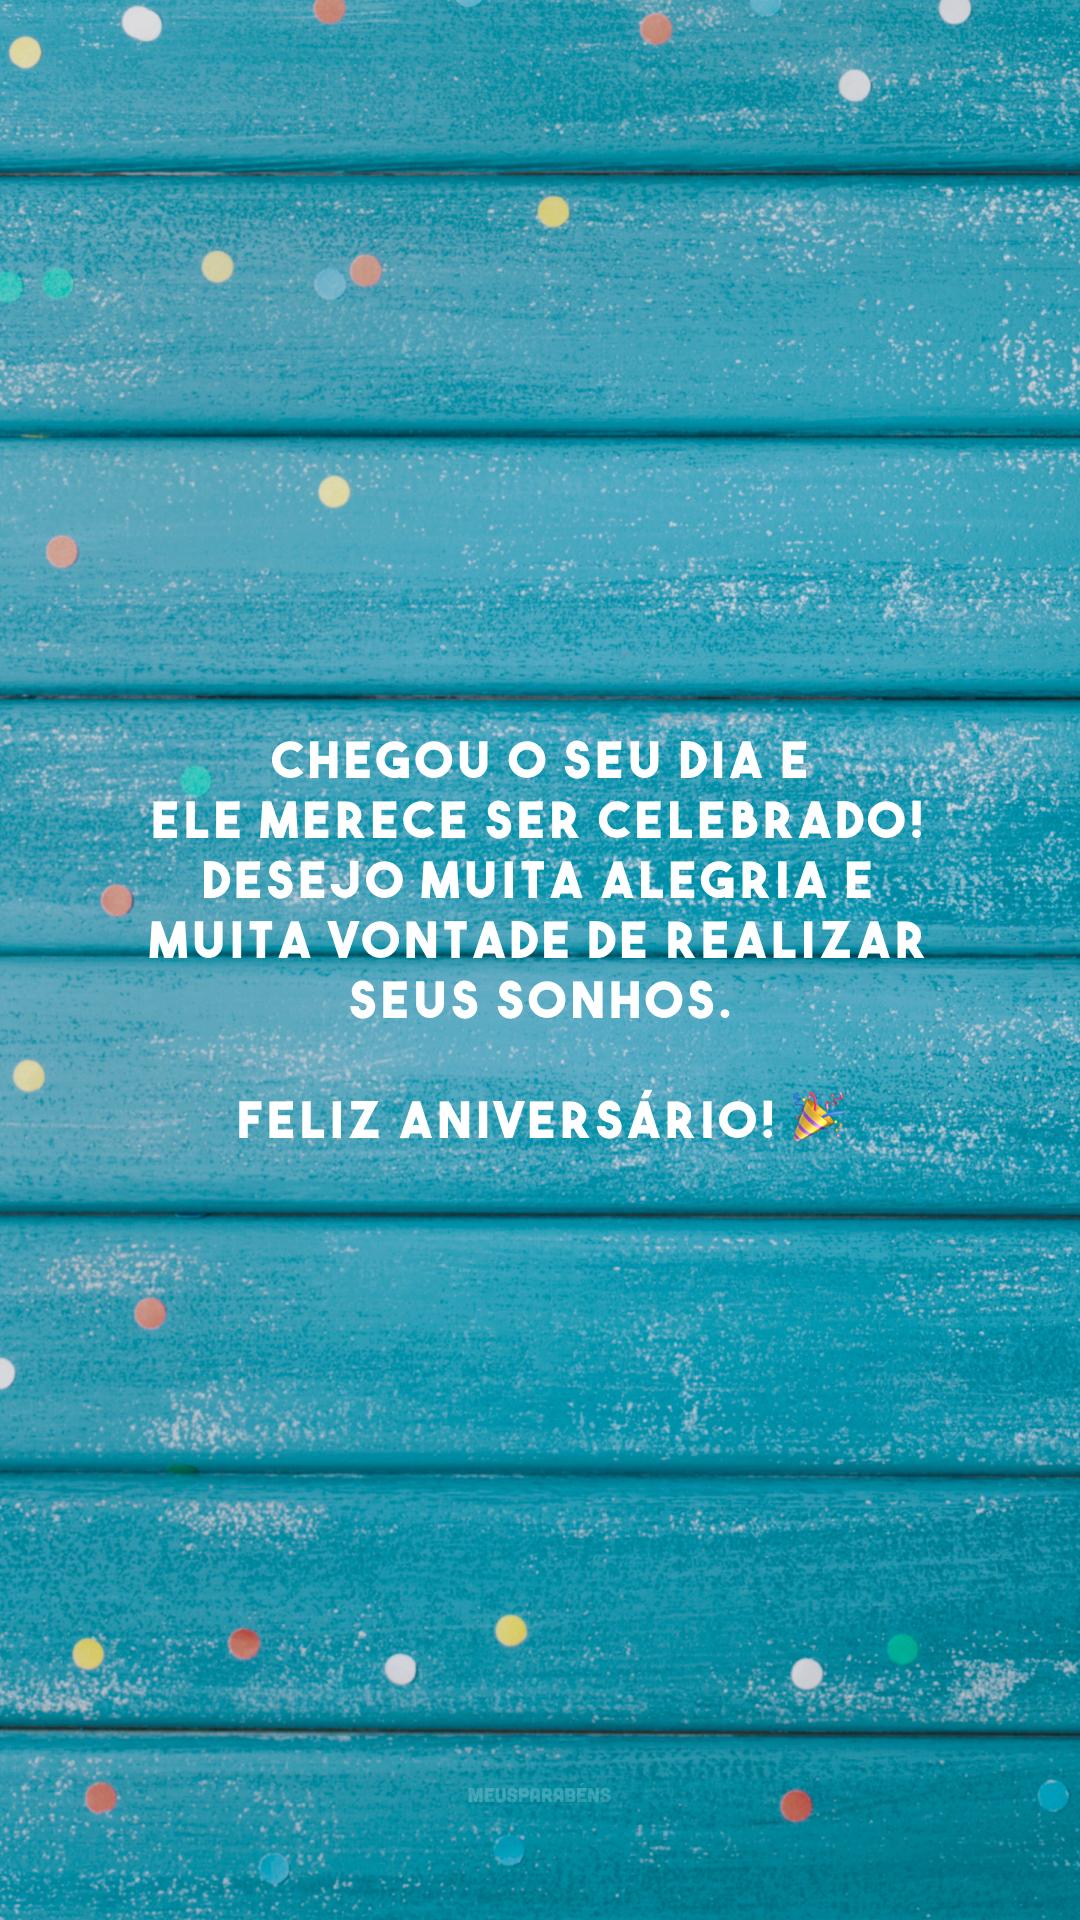 Chegou o seu dia e ele merece ser celebrado! Desejo muita alegria e muita vontade de realizar seus sonhos. Feliz aniversário! 🎉